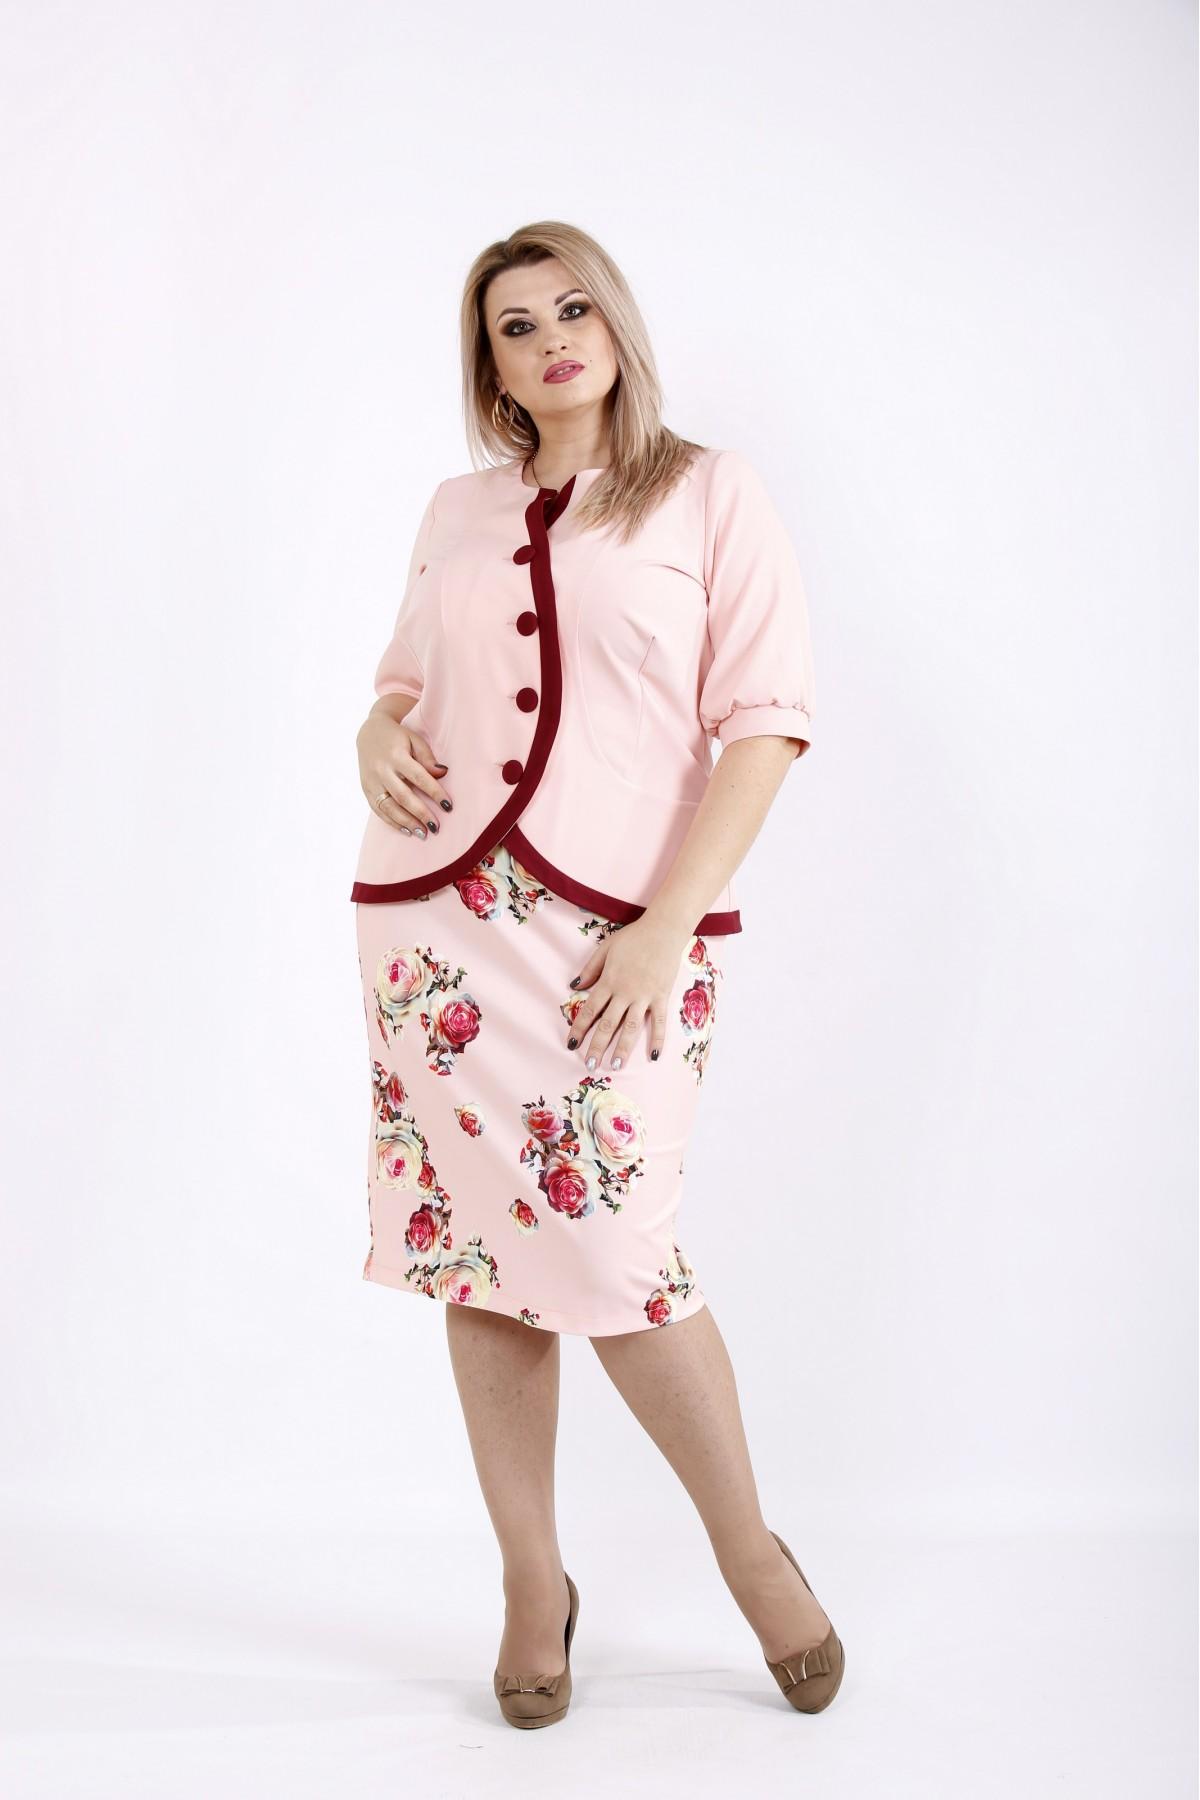 Розовый костюм с цветами | 0940-3